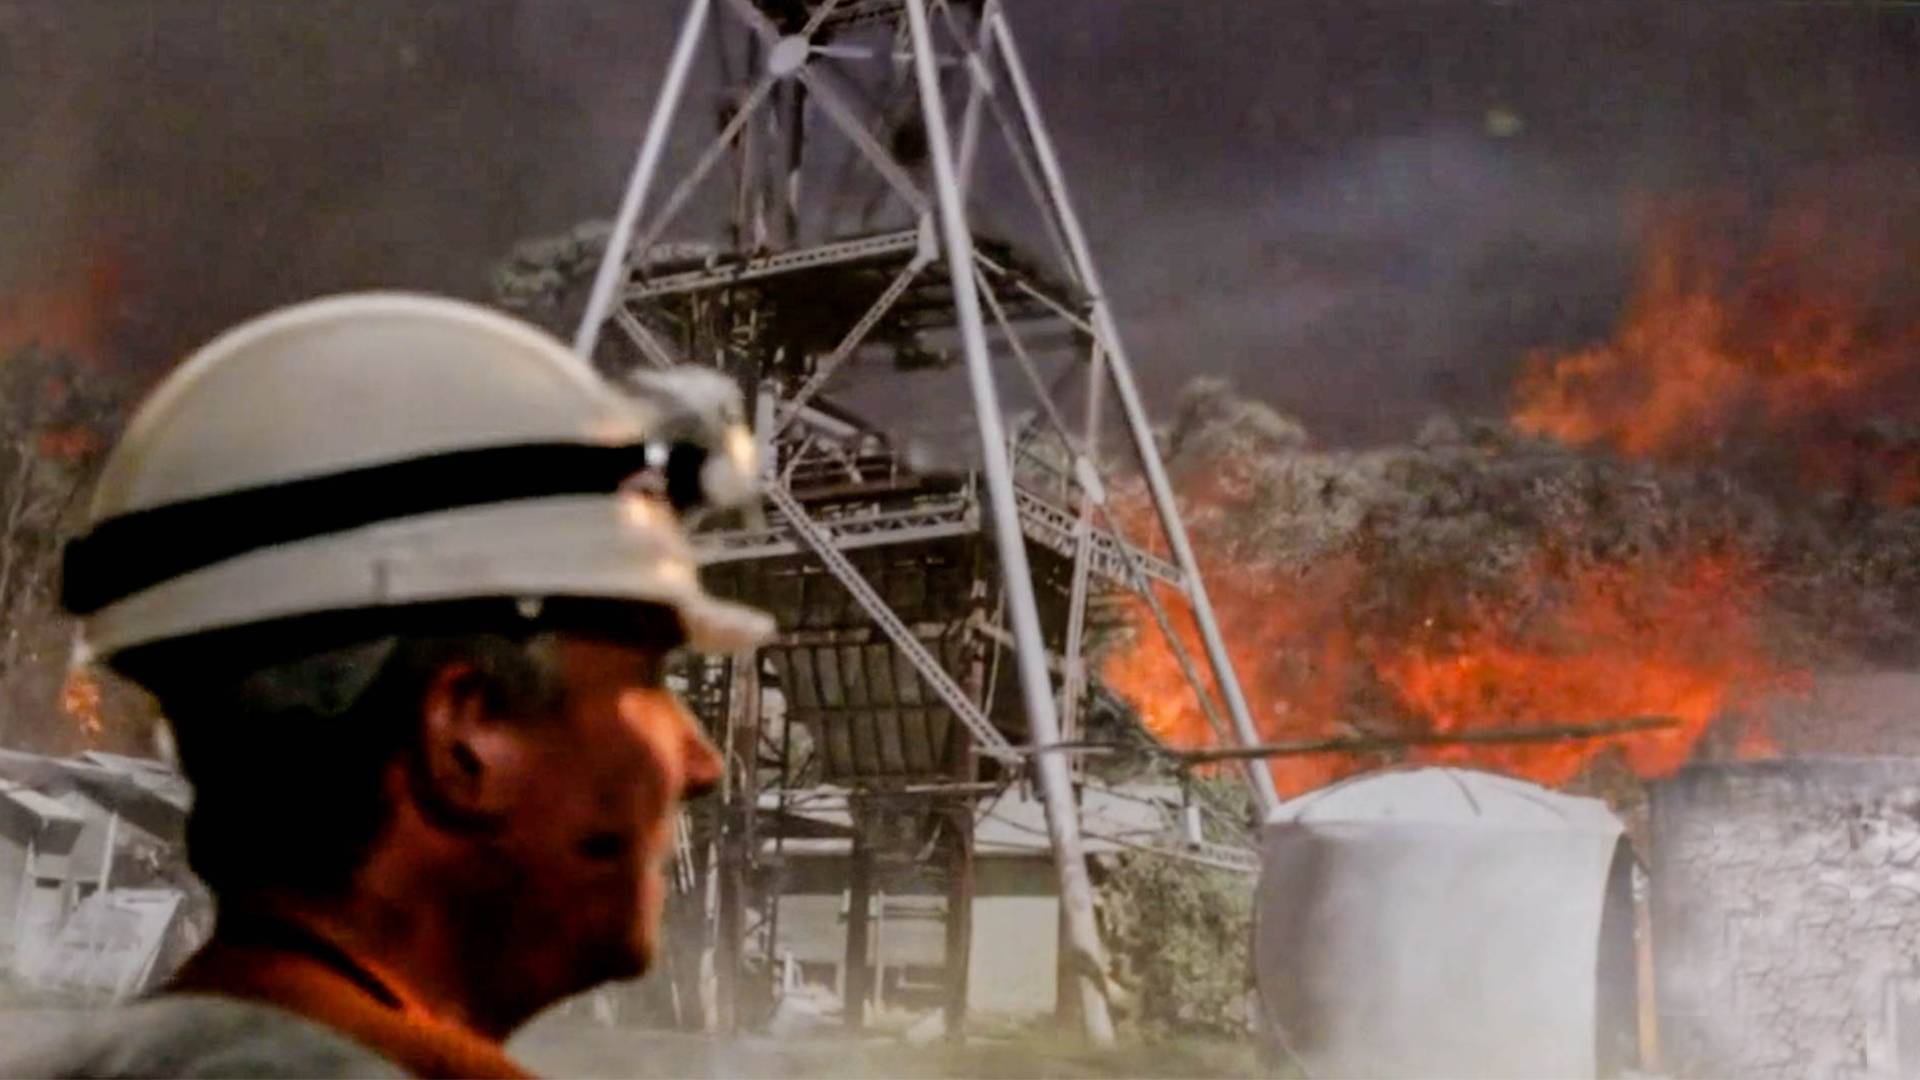 矿工刚从地下出来,发现外面竟化为炼狱,出去后更绝望了